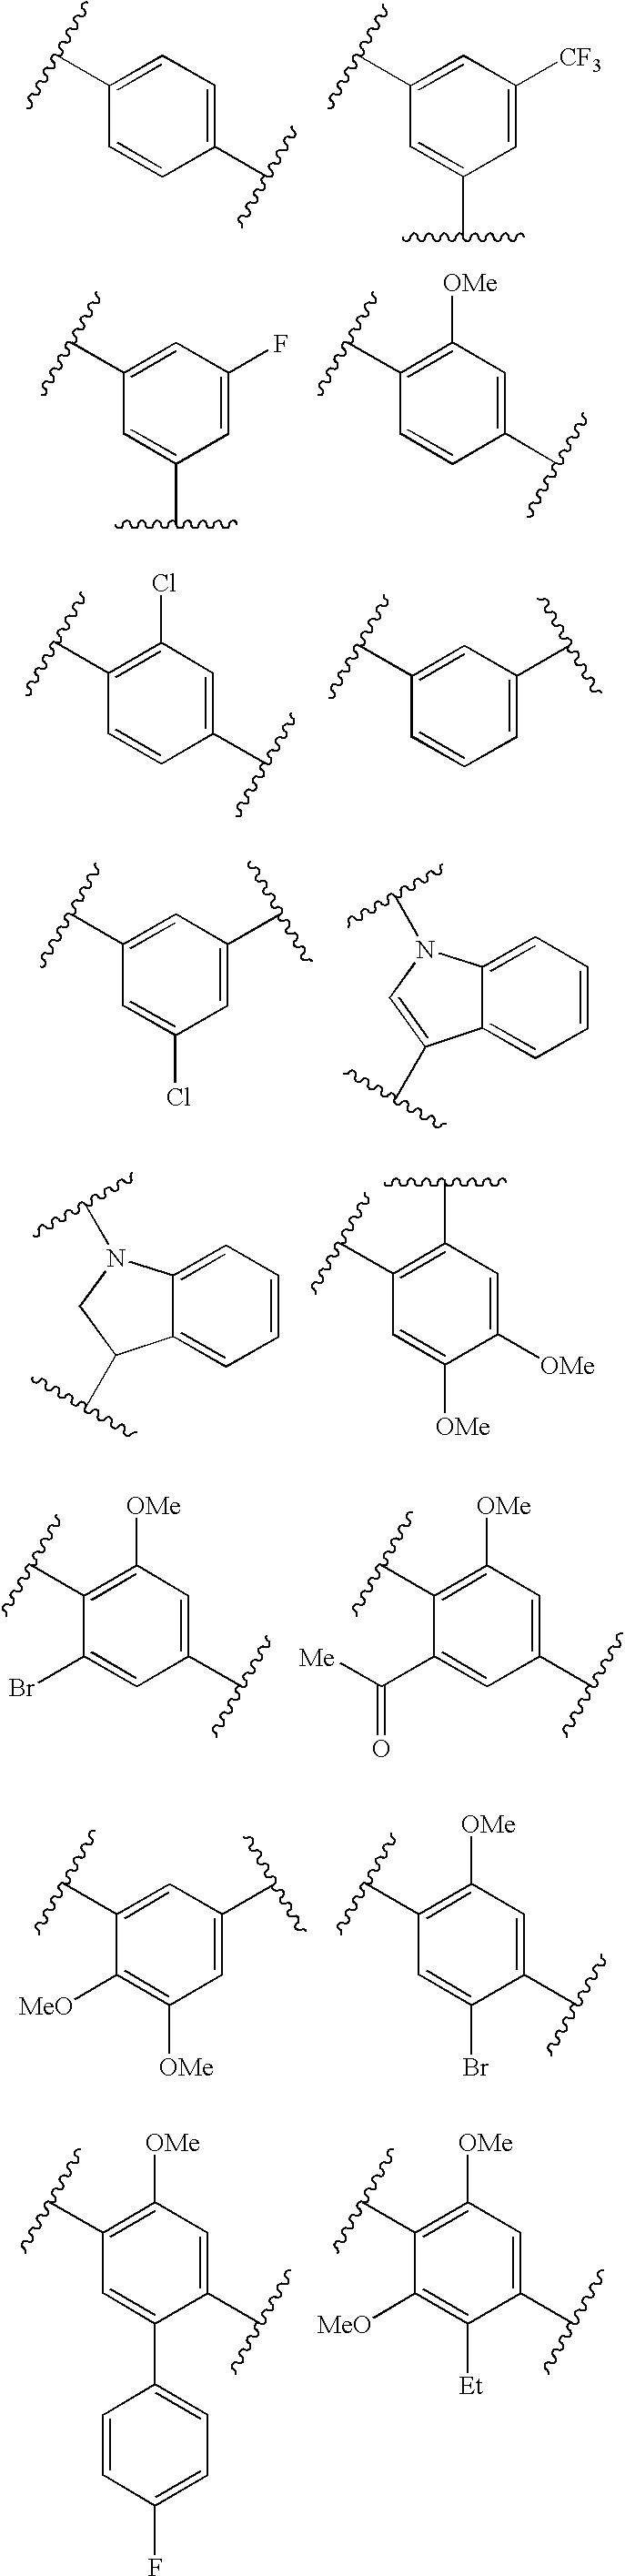 Figure US07321001-20080122-C00006